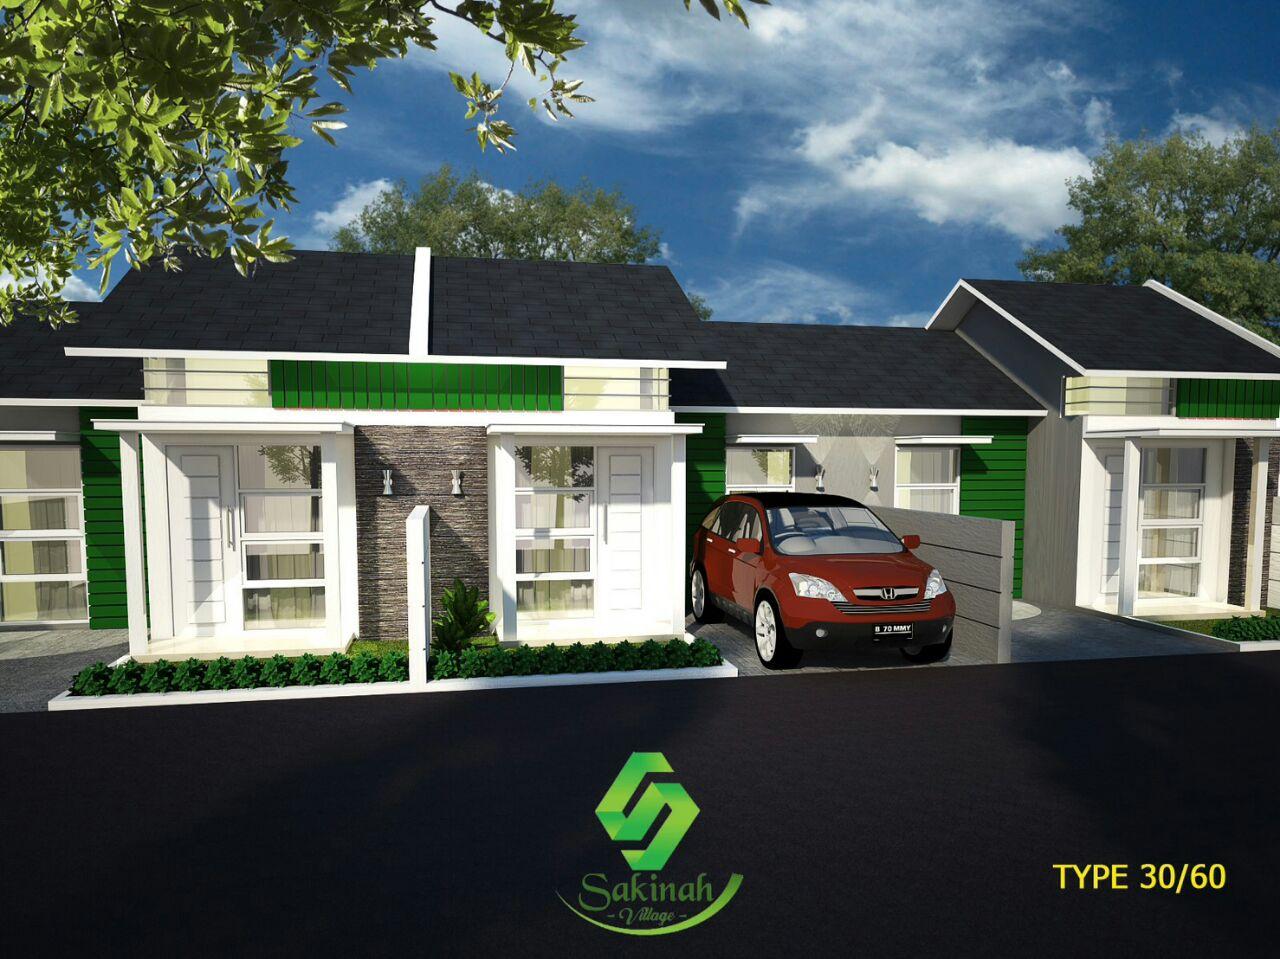 Desain Rumah Type 30 60 Kpr Perumahan Desain Rumah Rumah Desain